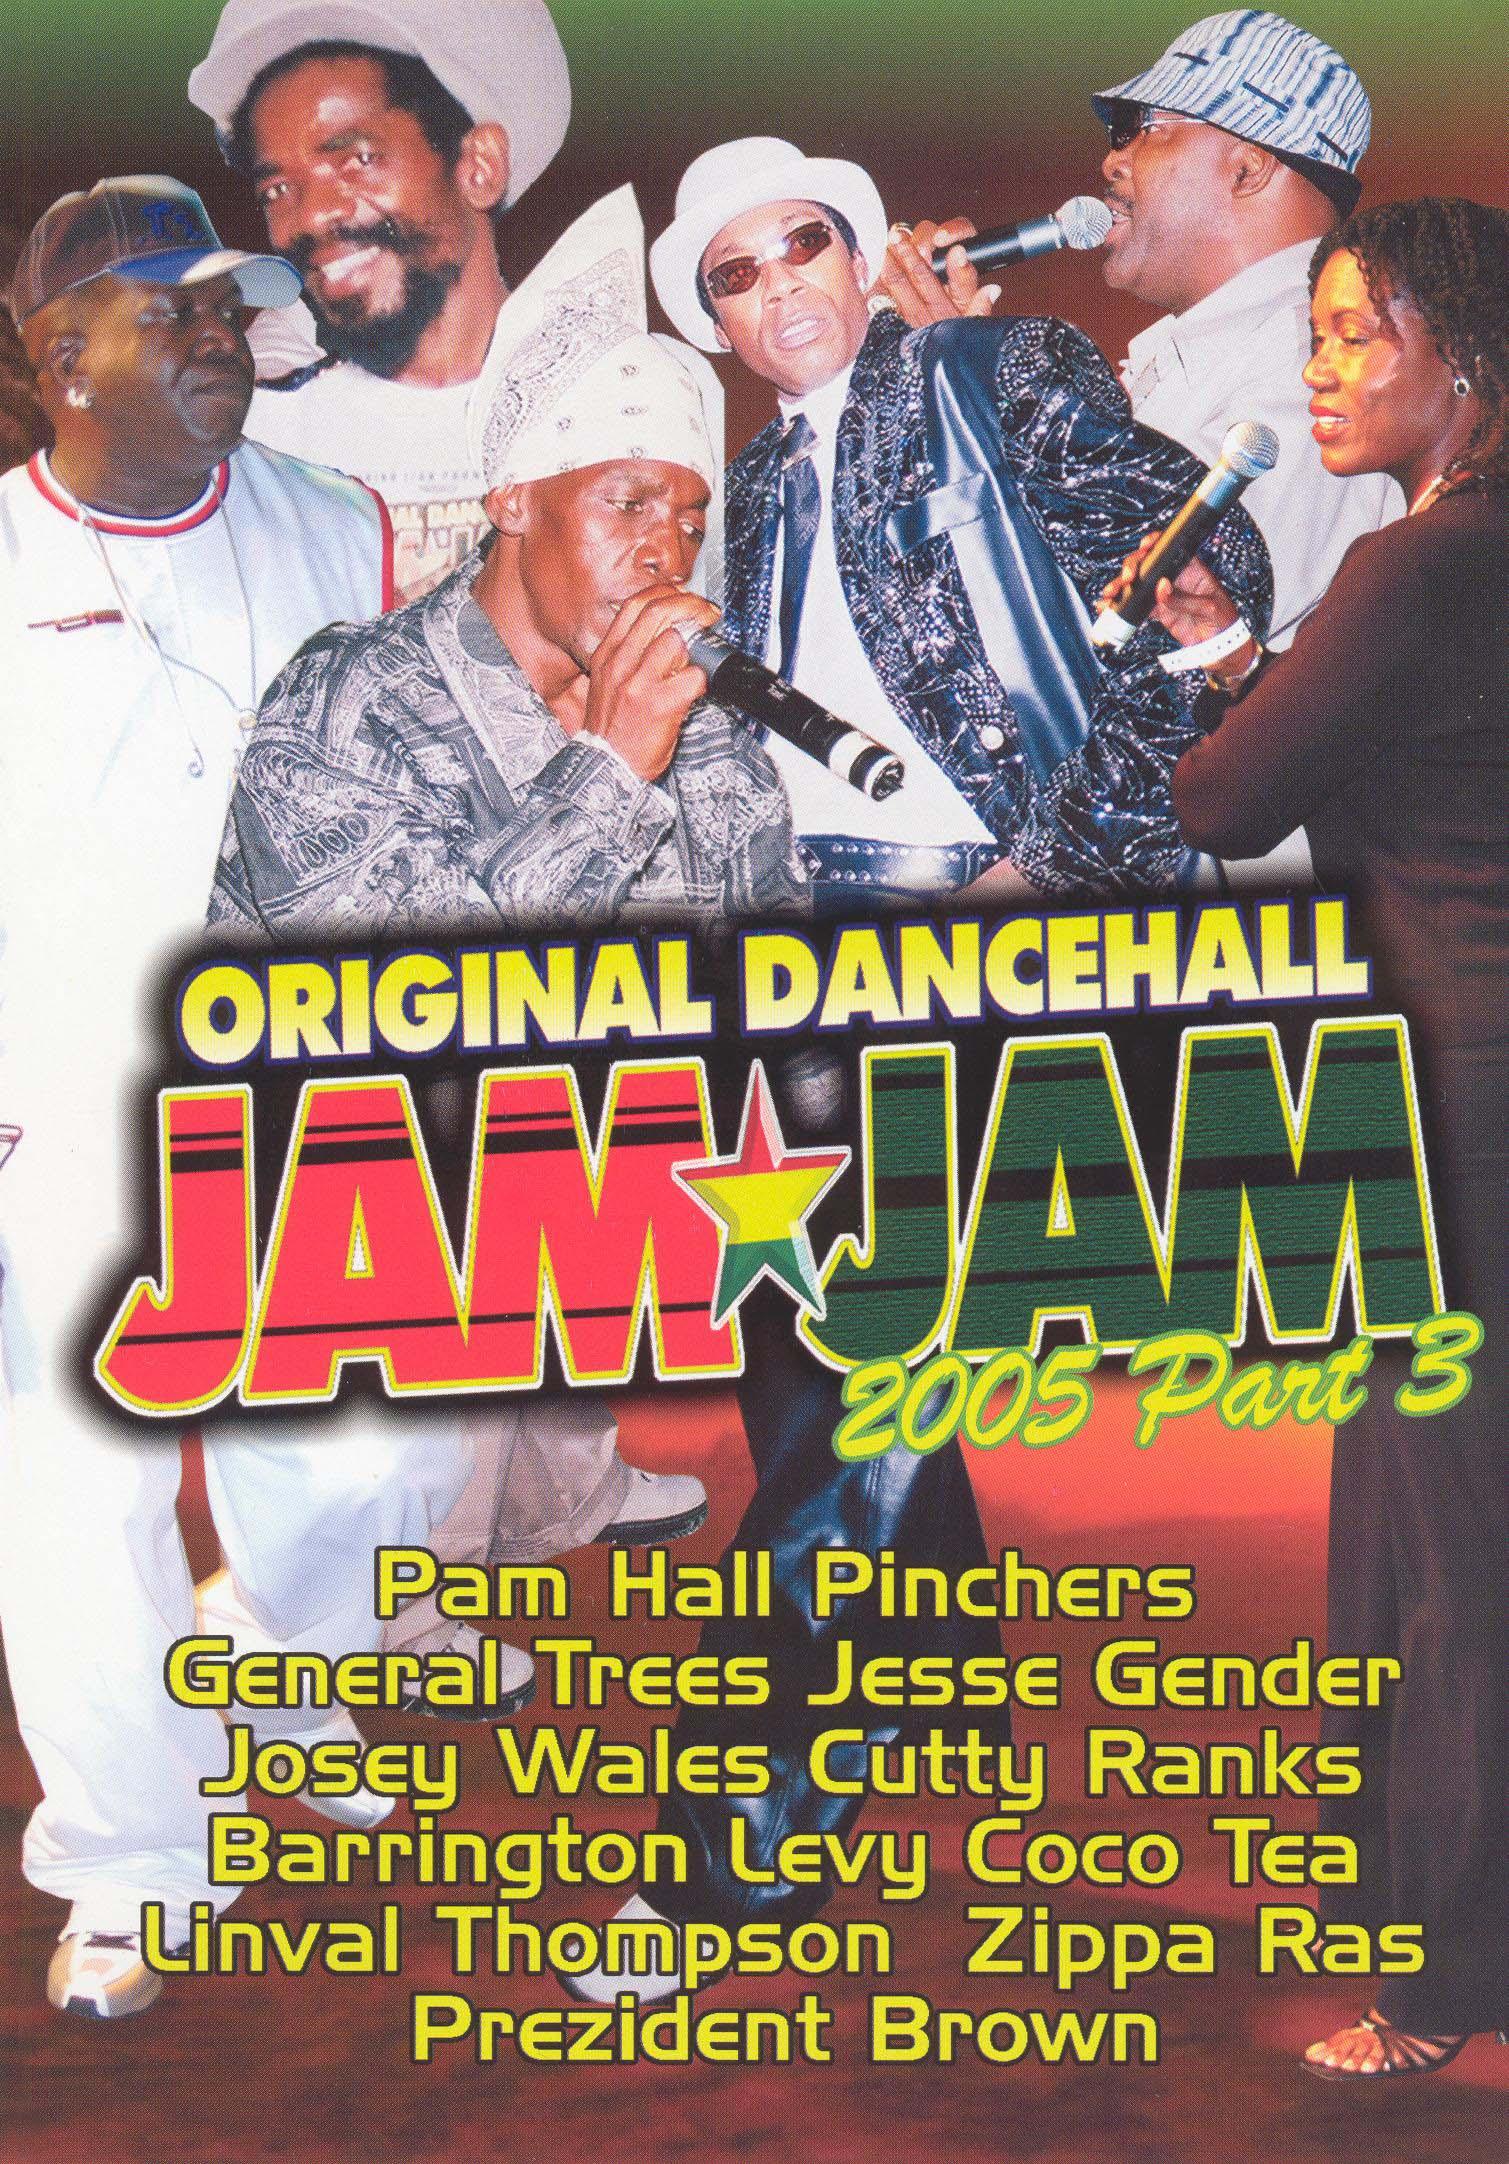 Original Dancehall Jam Jam 2005, Vol. 3